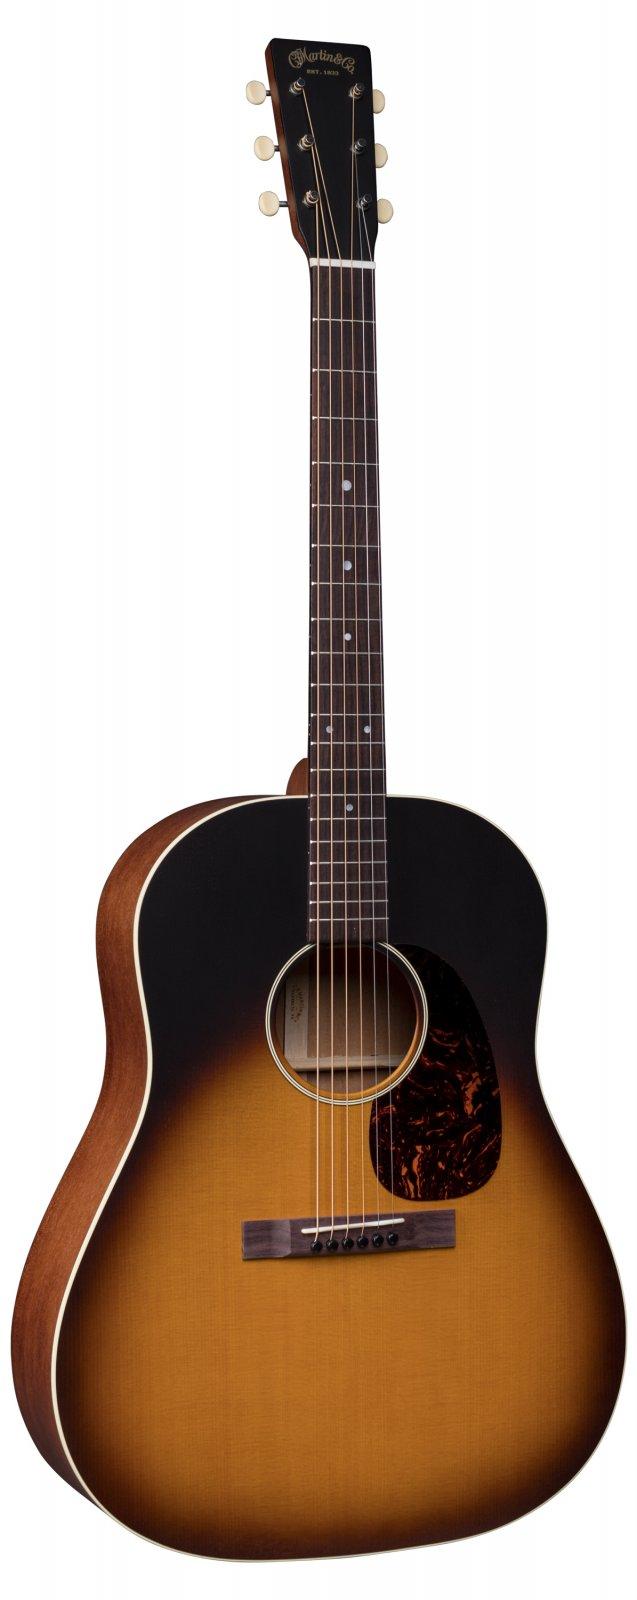 Martin DSS-17 Whiskey Sunset Slope Shoulder Dreadnaught Guitar